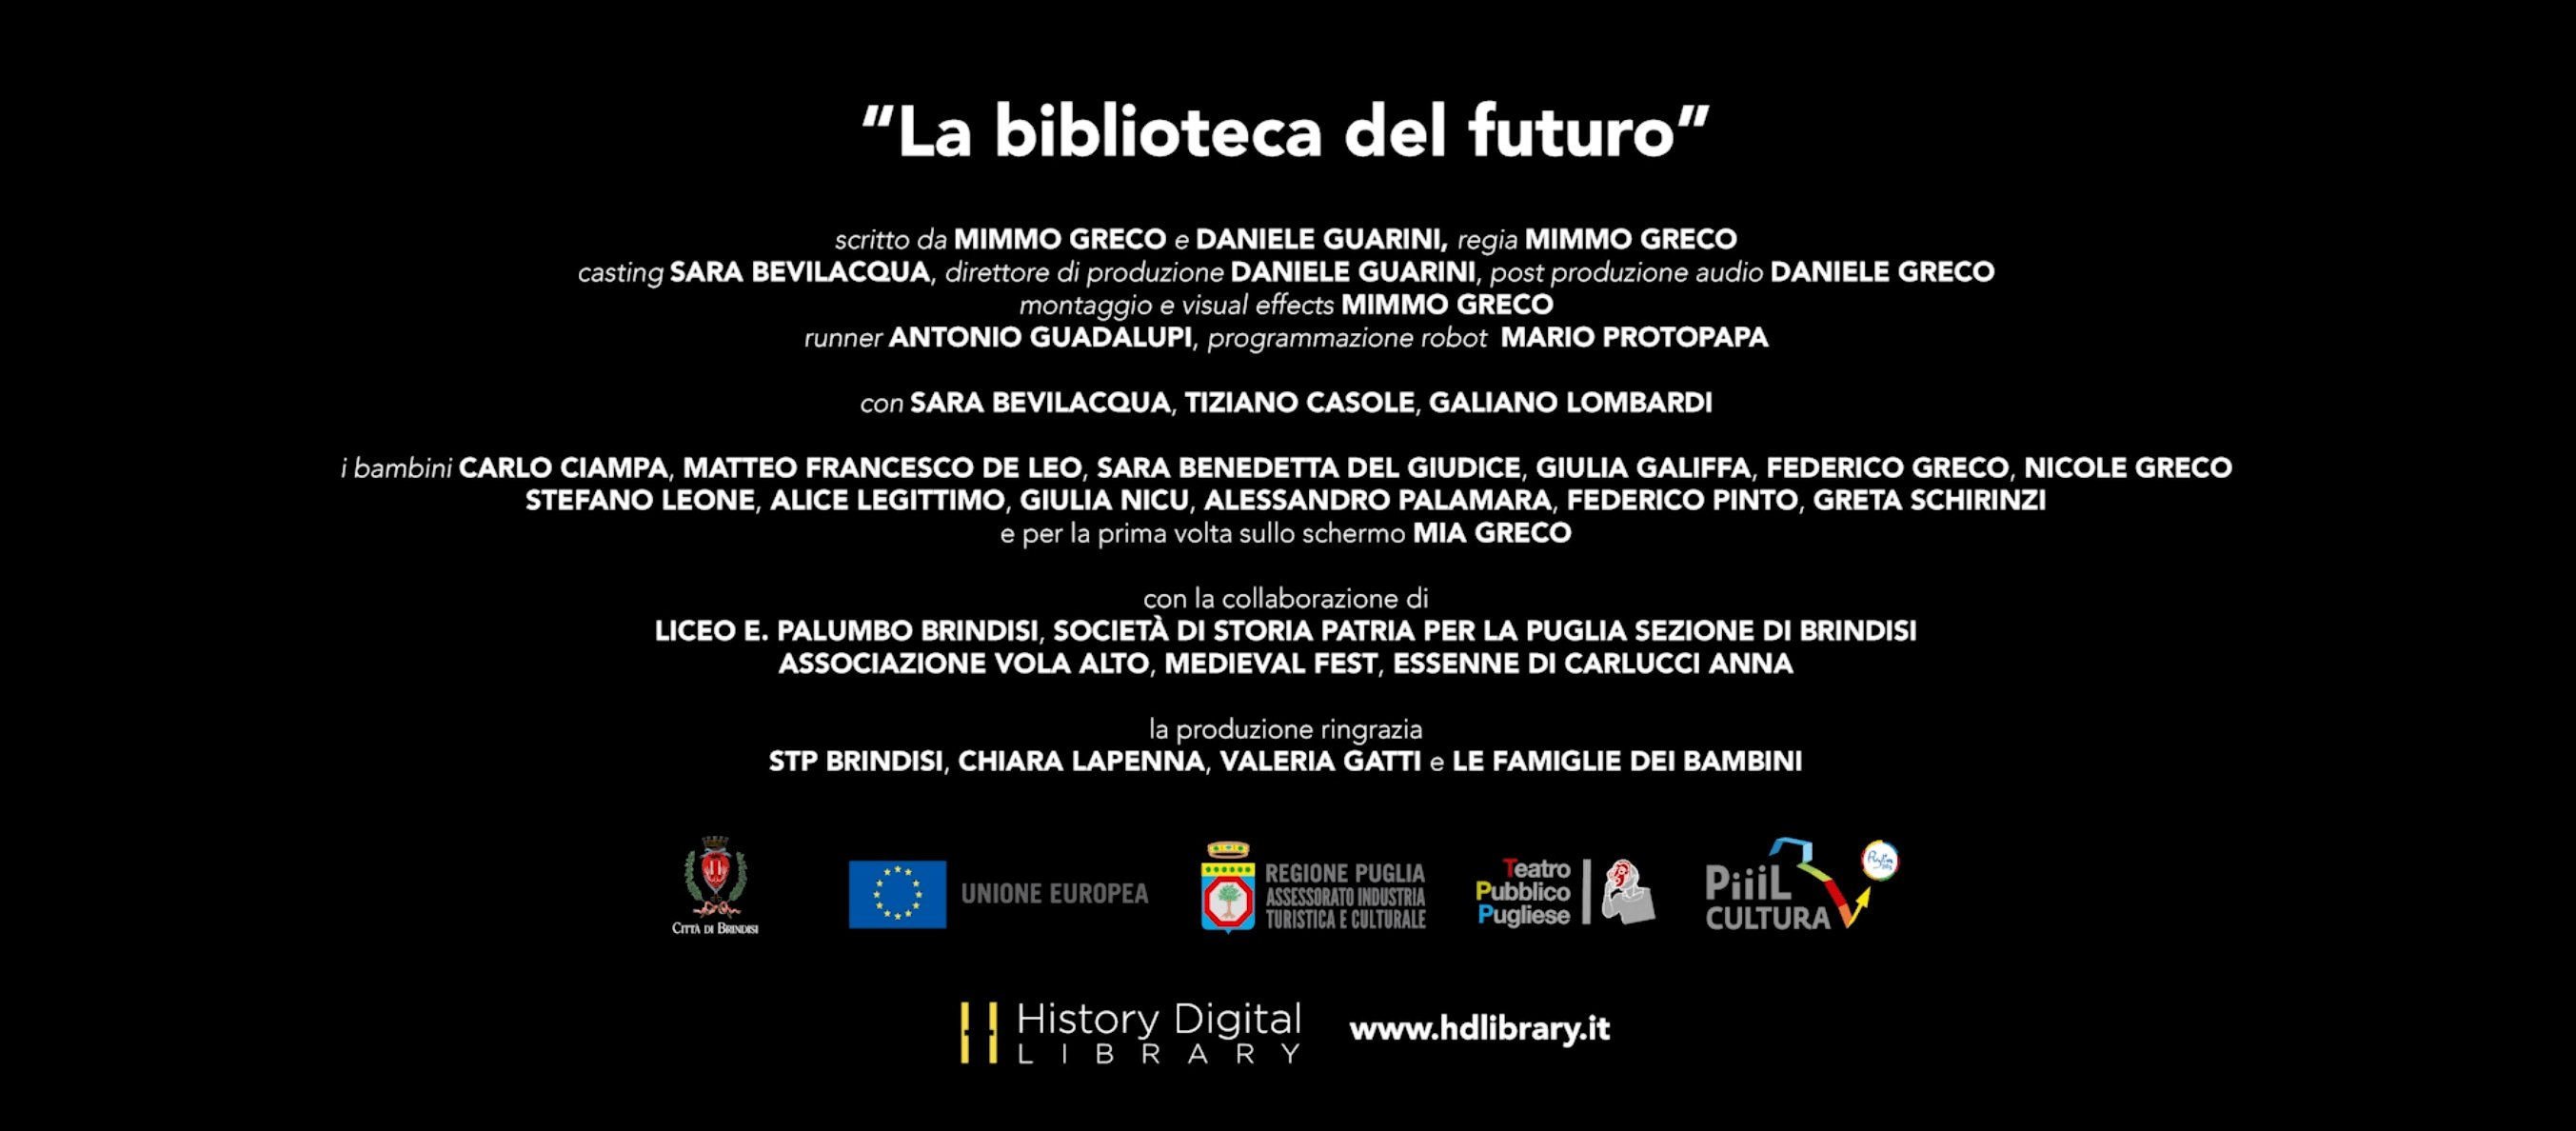 History Digital Library - La Biblioteca del futuro crediti